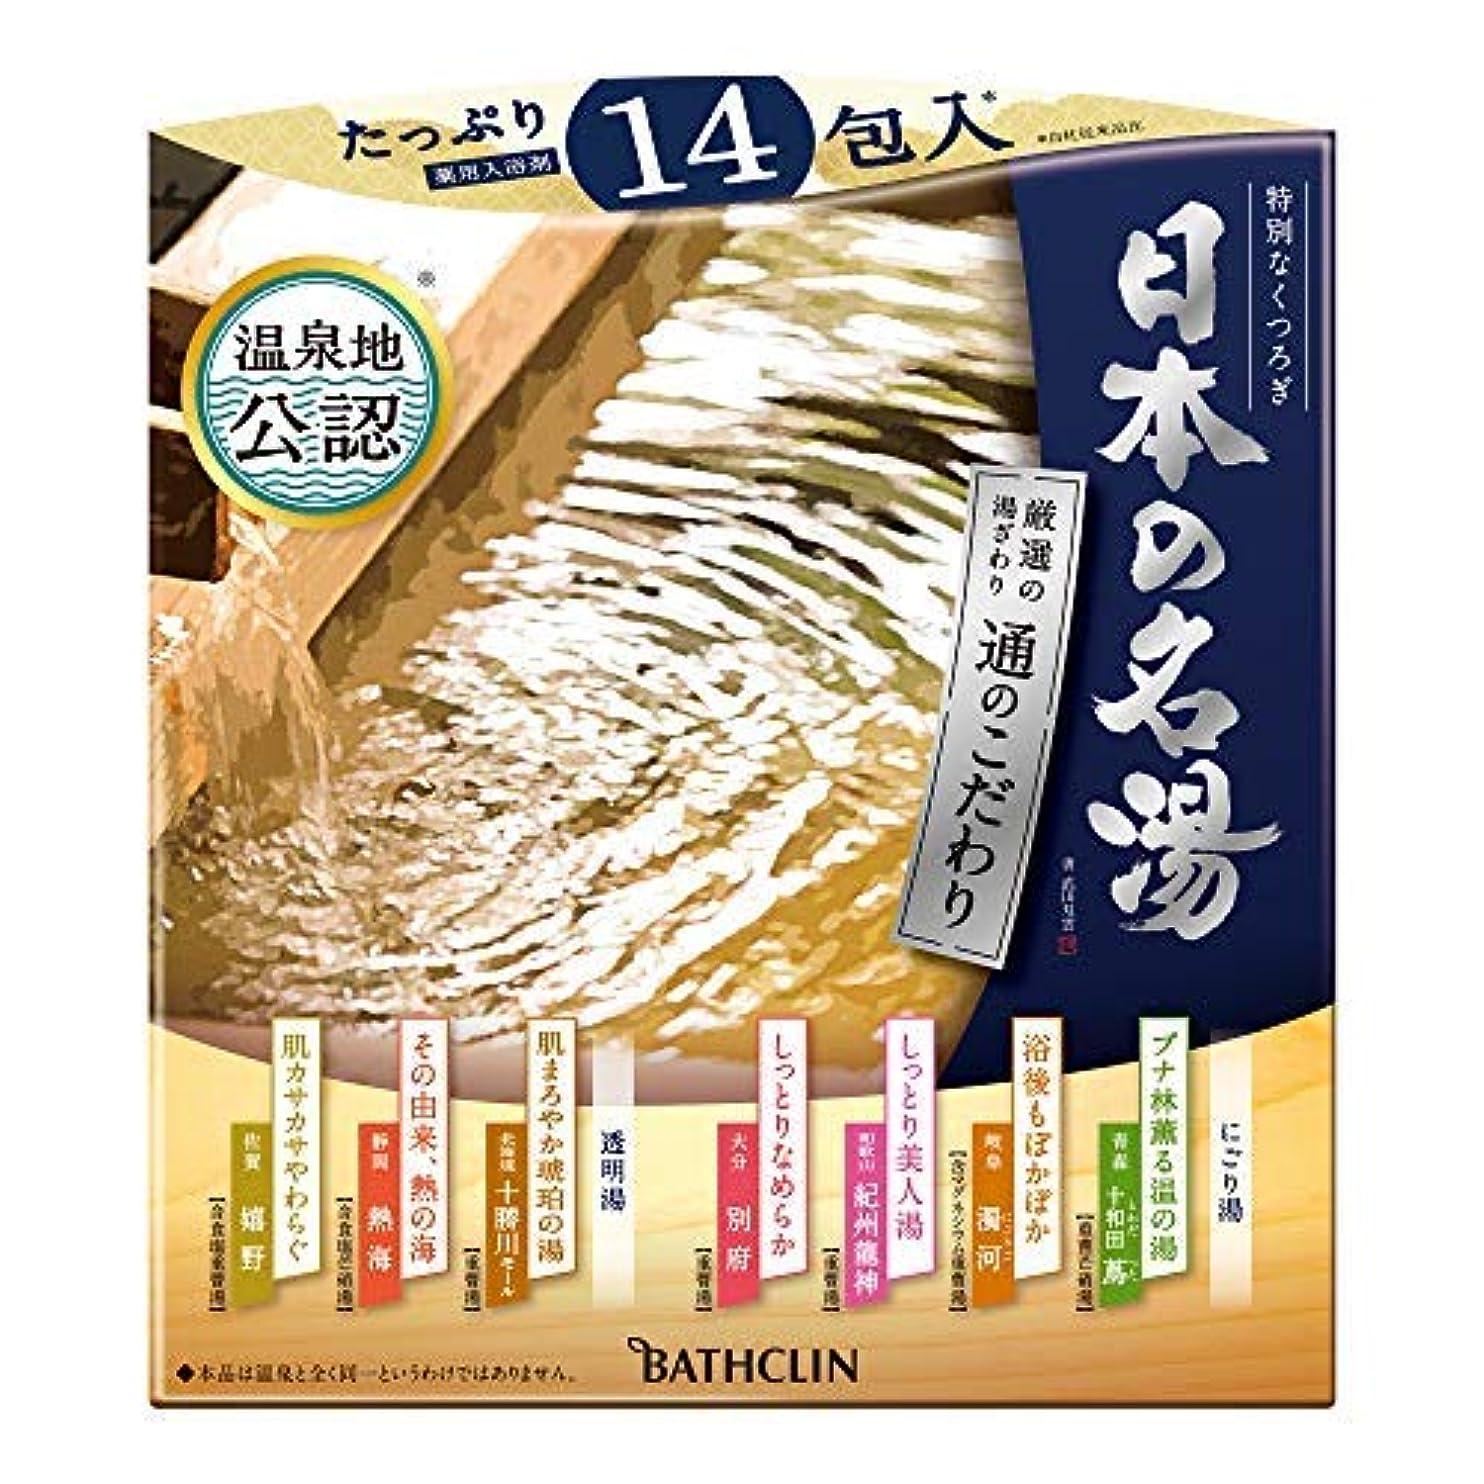 十分にストリップレスリング日本の名湯 通のこだわり 30g×14包 × 12個セット